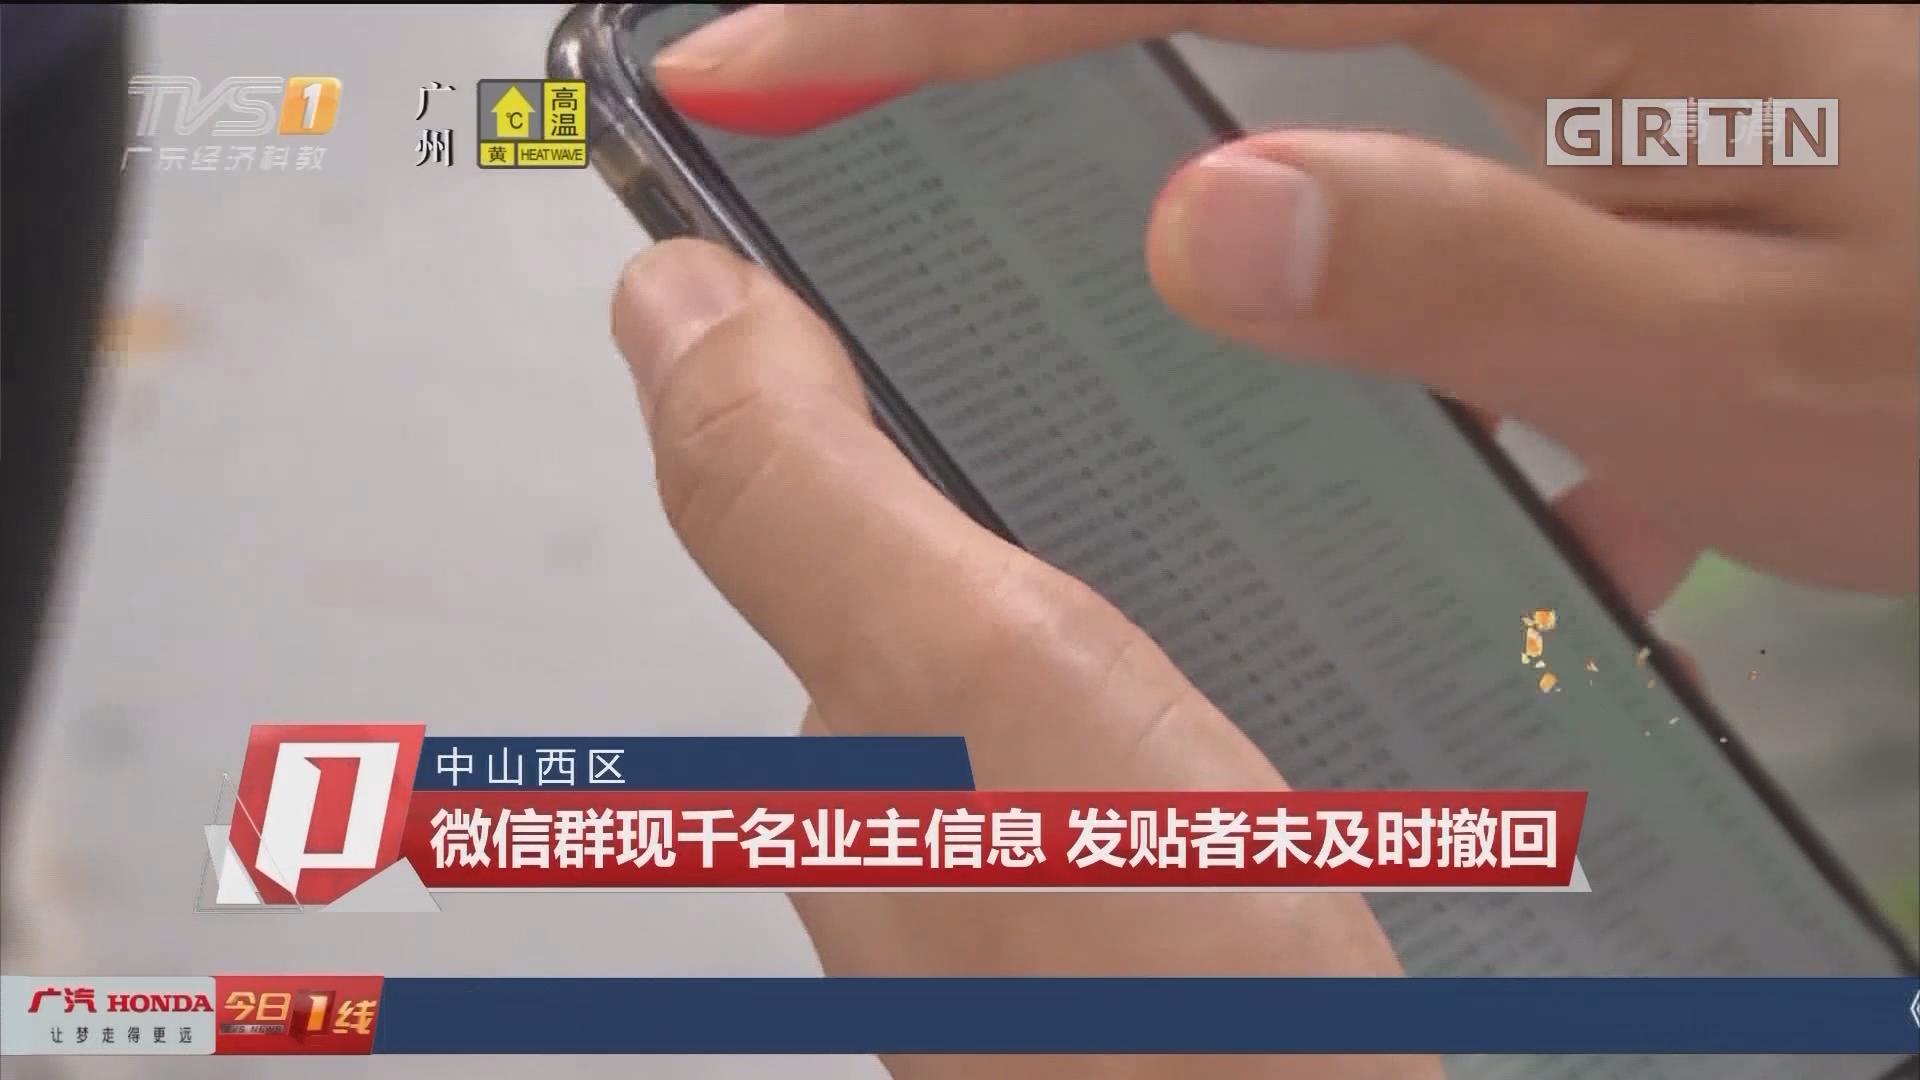 中山西区:微信群现千名业主信息 发贴者未及时撤回